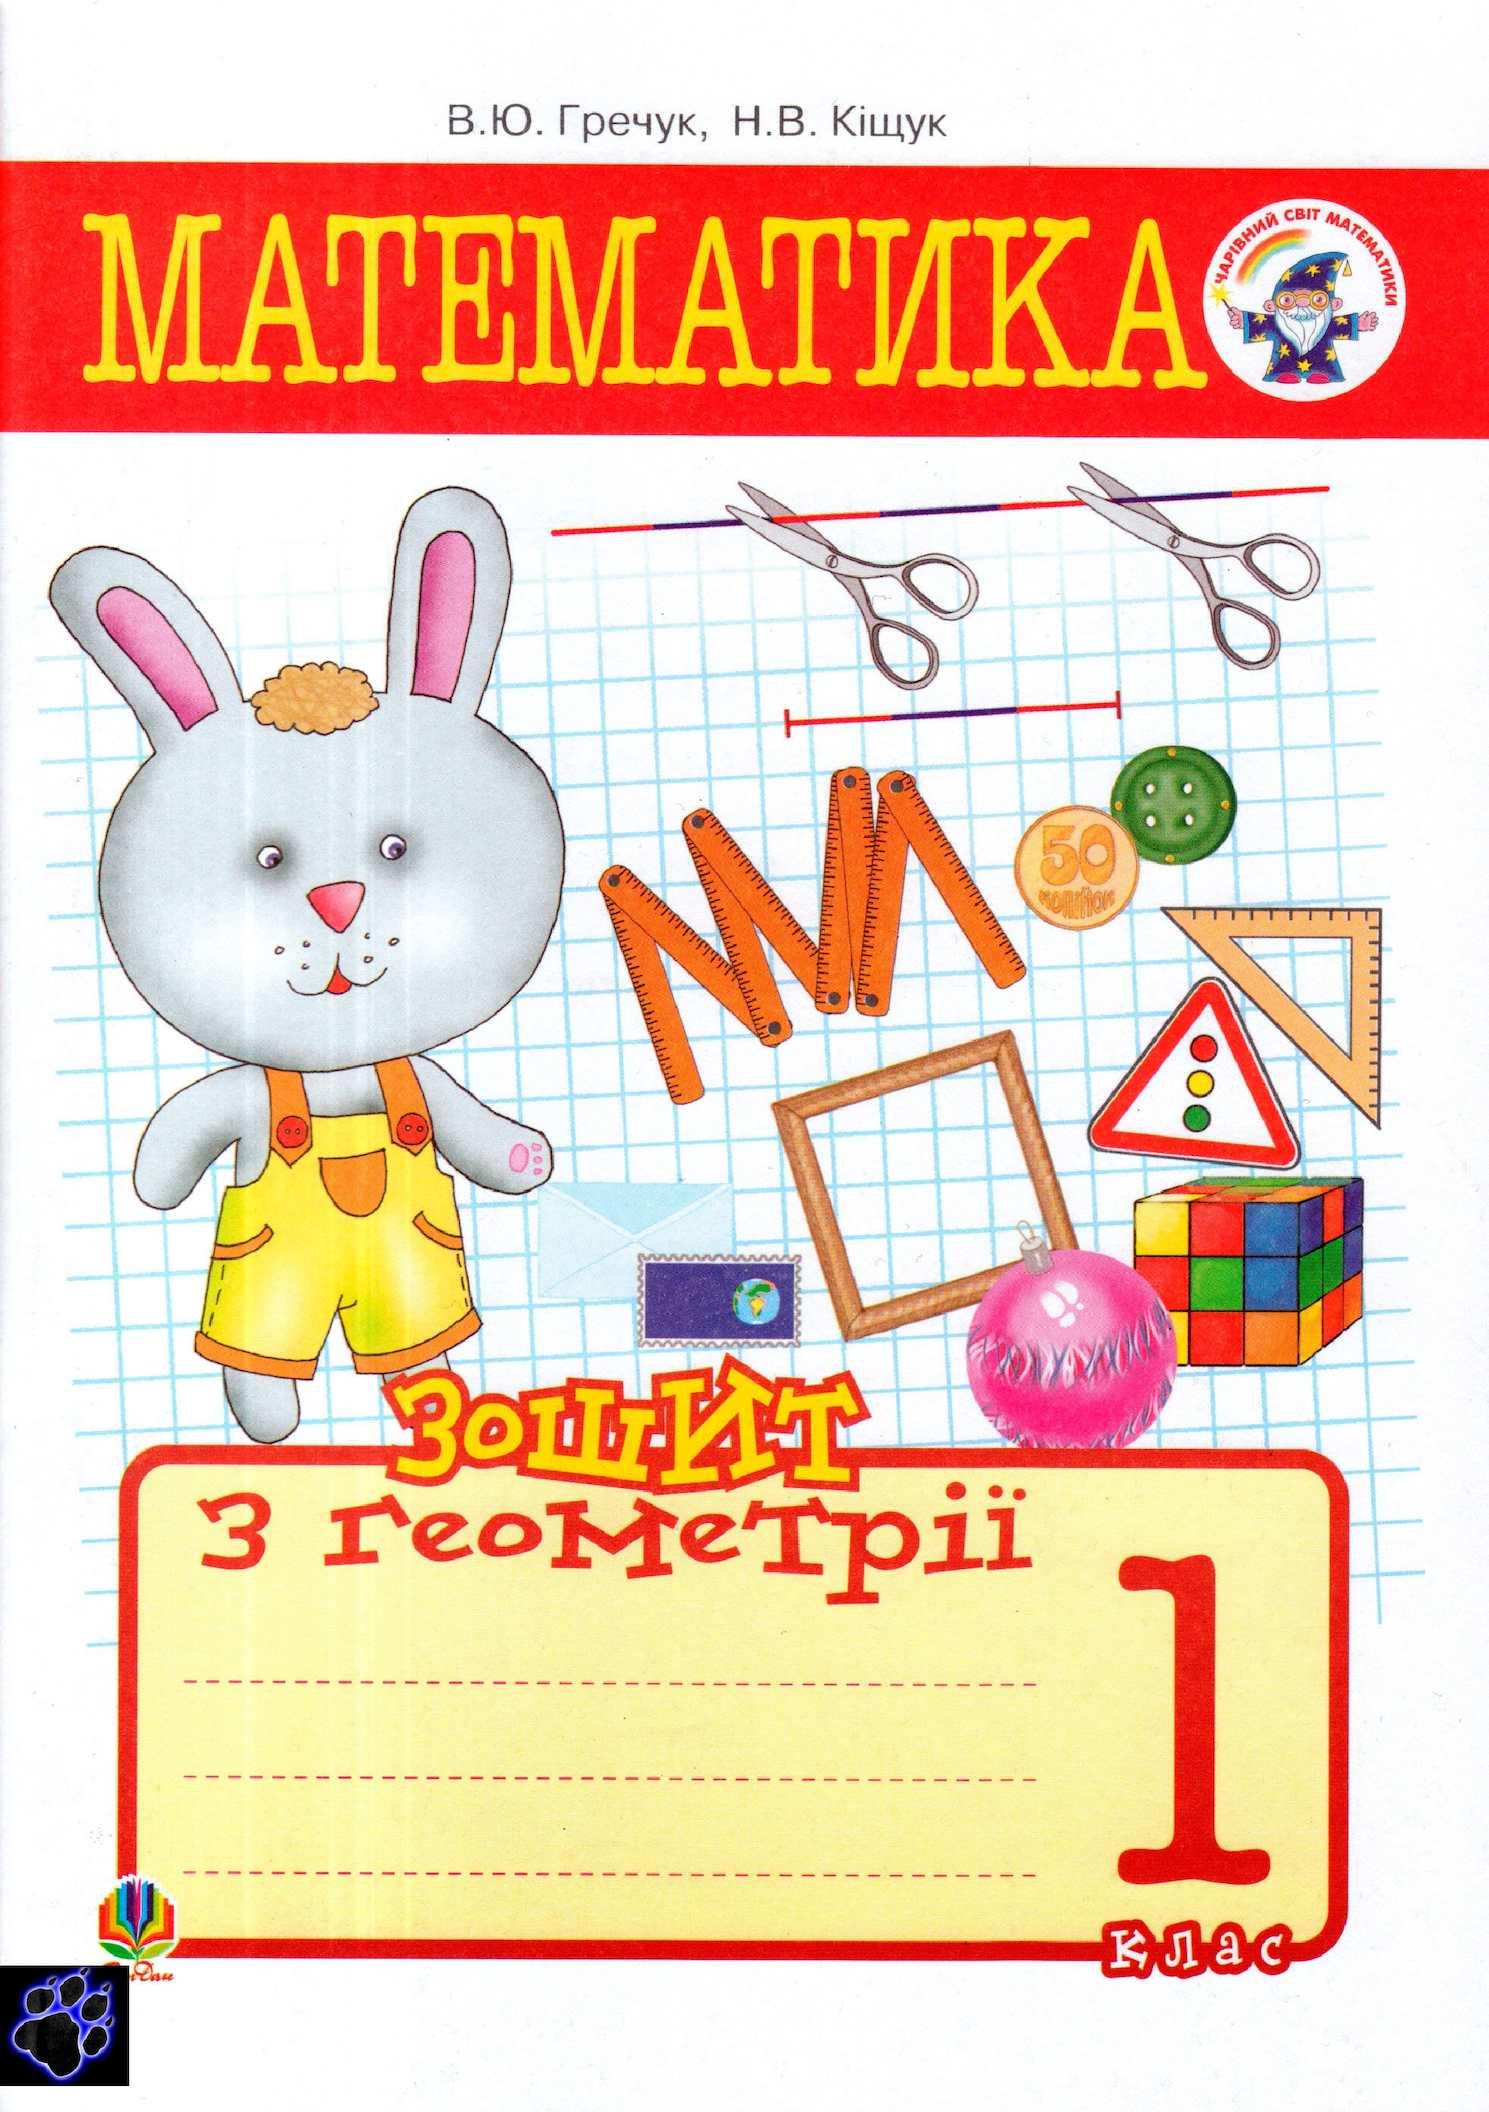 Grechuk V Yu Kishchuk N V Matematika Zoshit Z Geometriyi 1 K